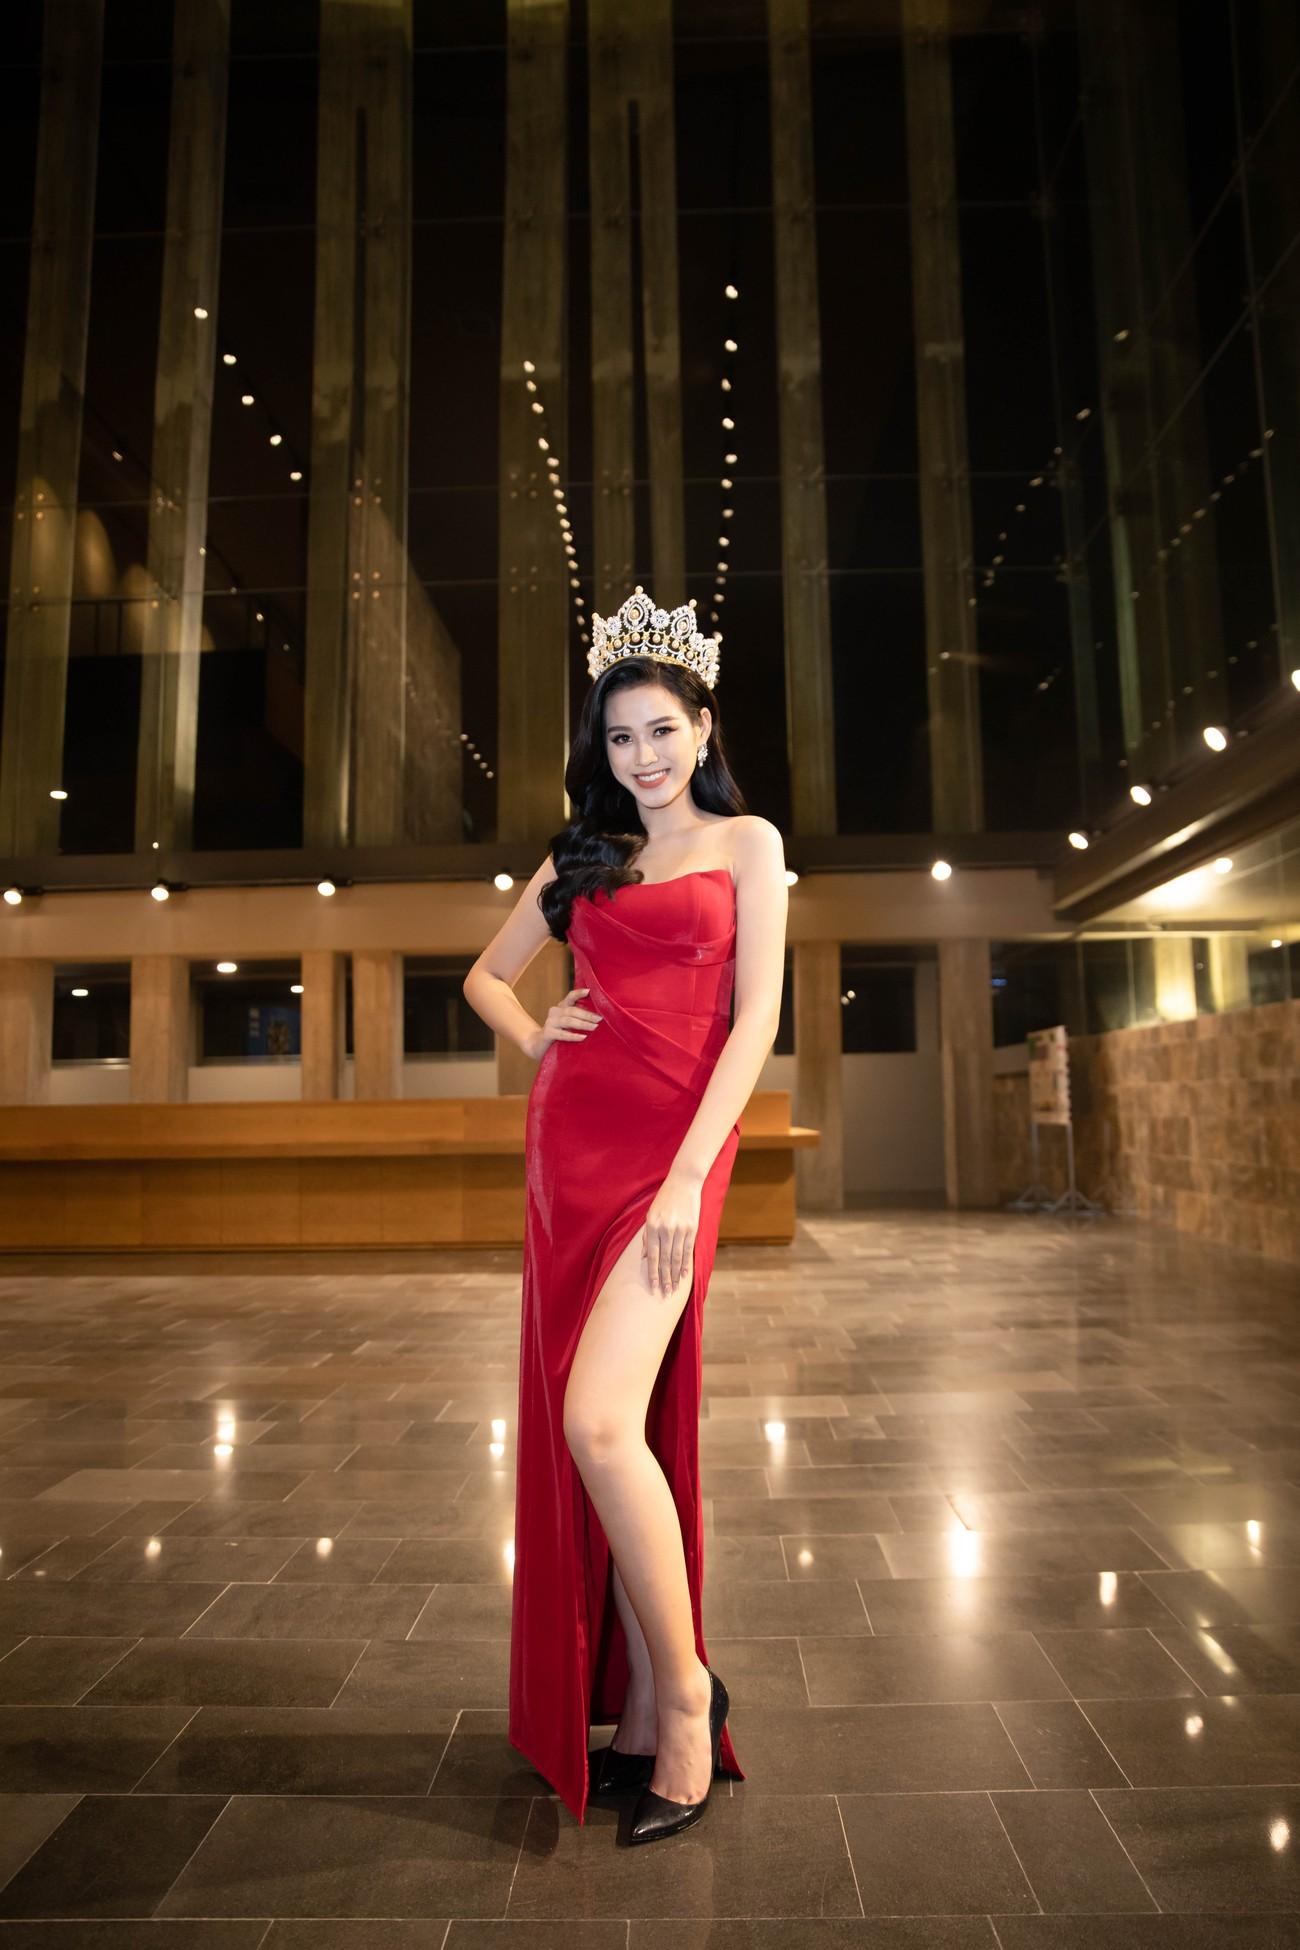 'Đụng' váy xẻ táo bạo với đàn chị Đỗ Mỹ Linh, Hoa hậu Đỗ Thị Hà thần thái rạng ngời ảnh 1